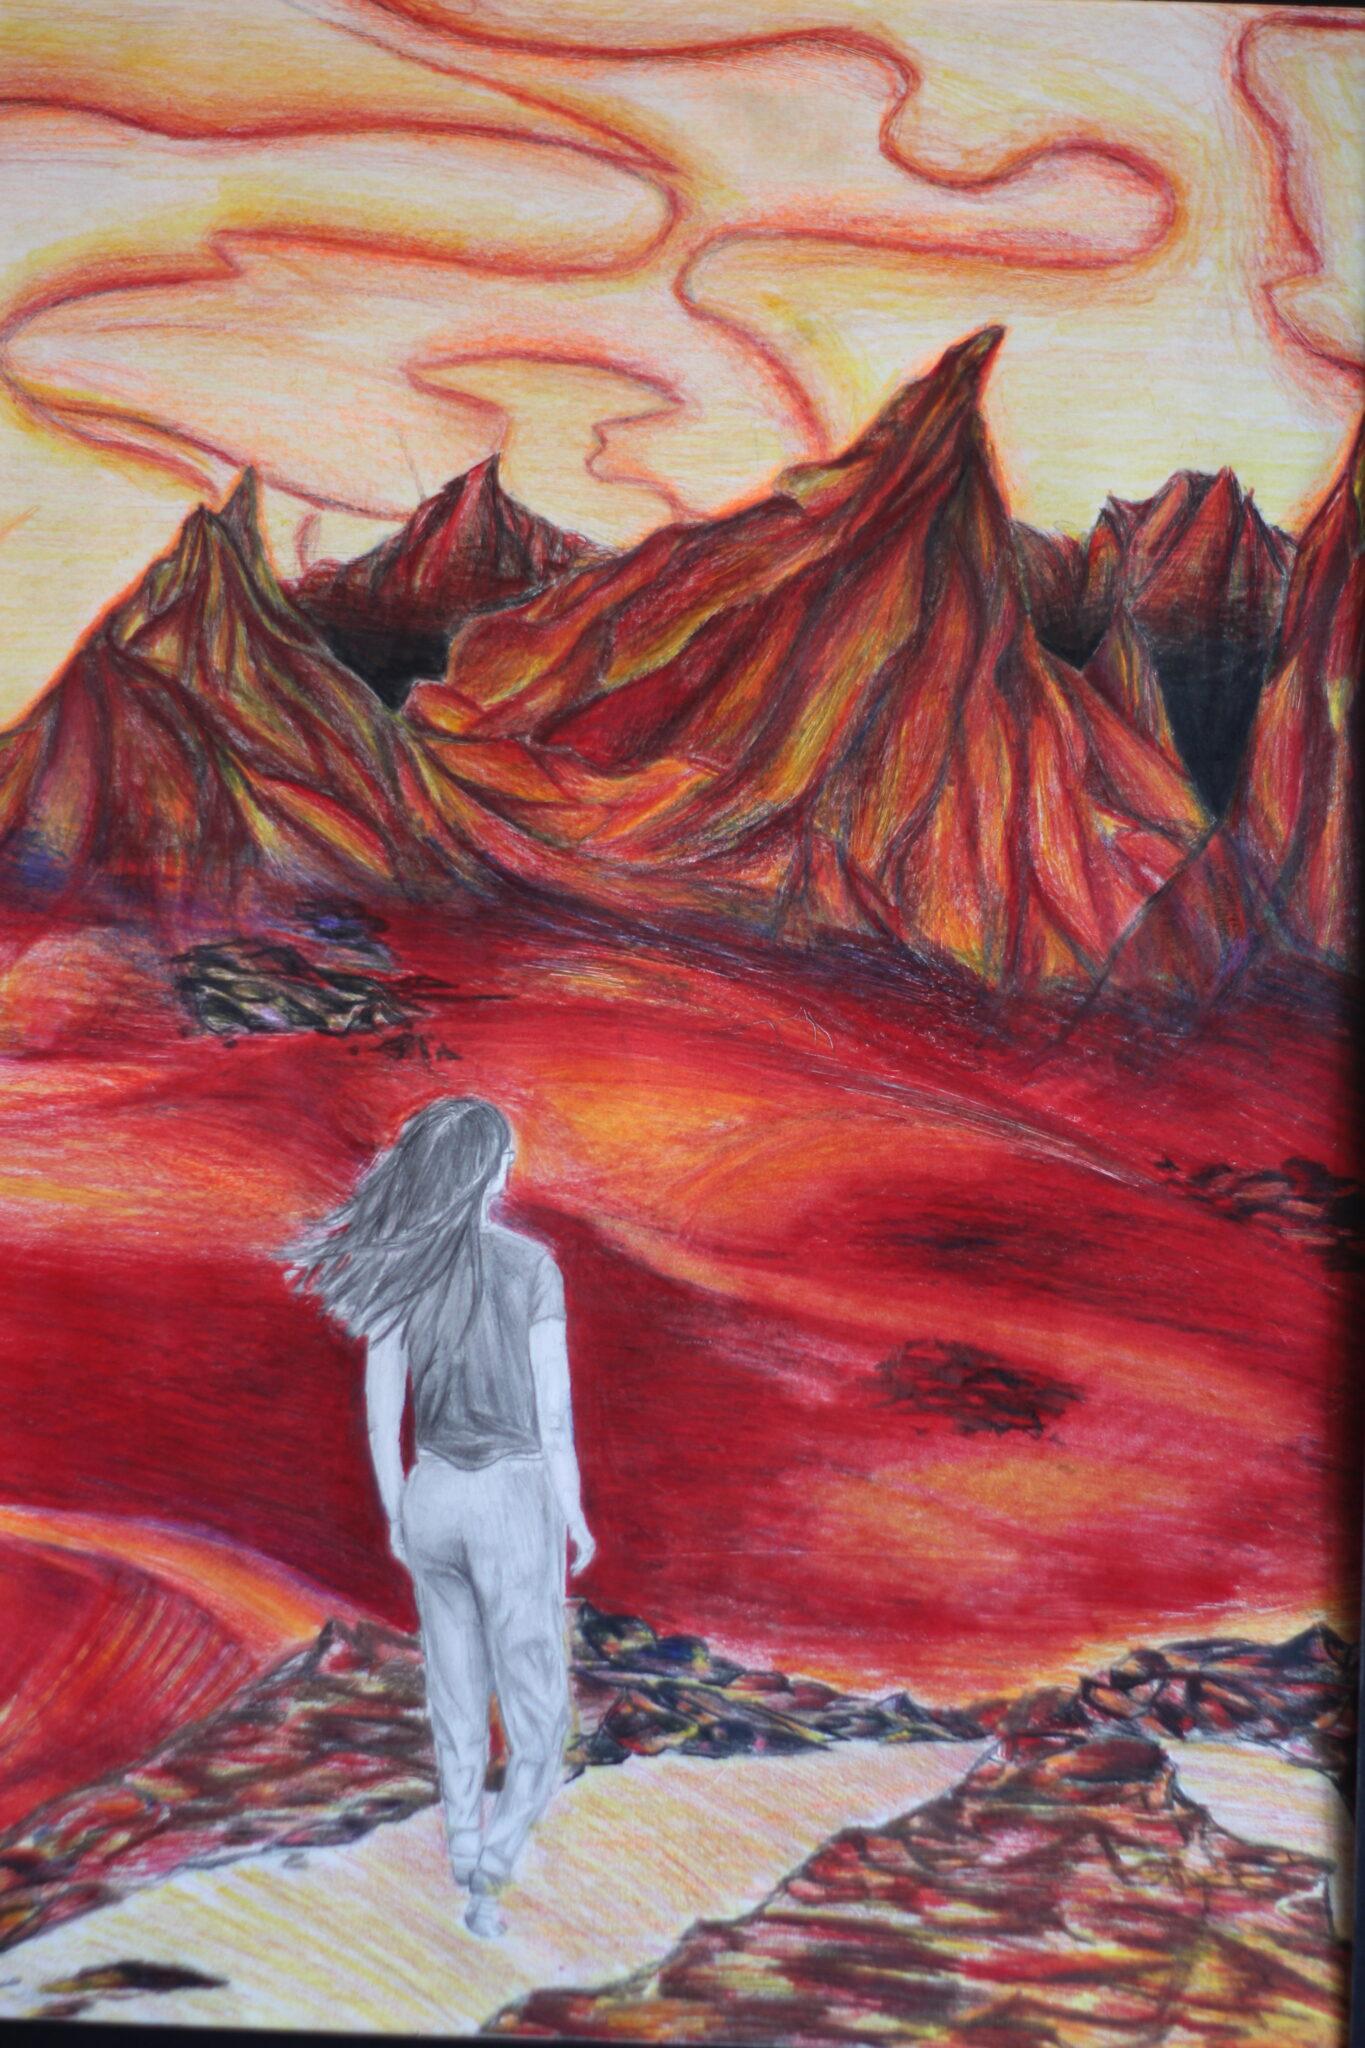 art of woman walking on red mountainous landscape